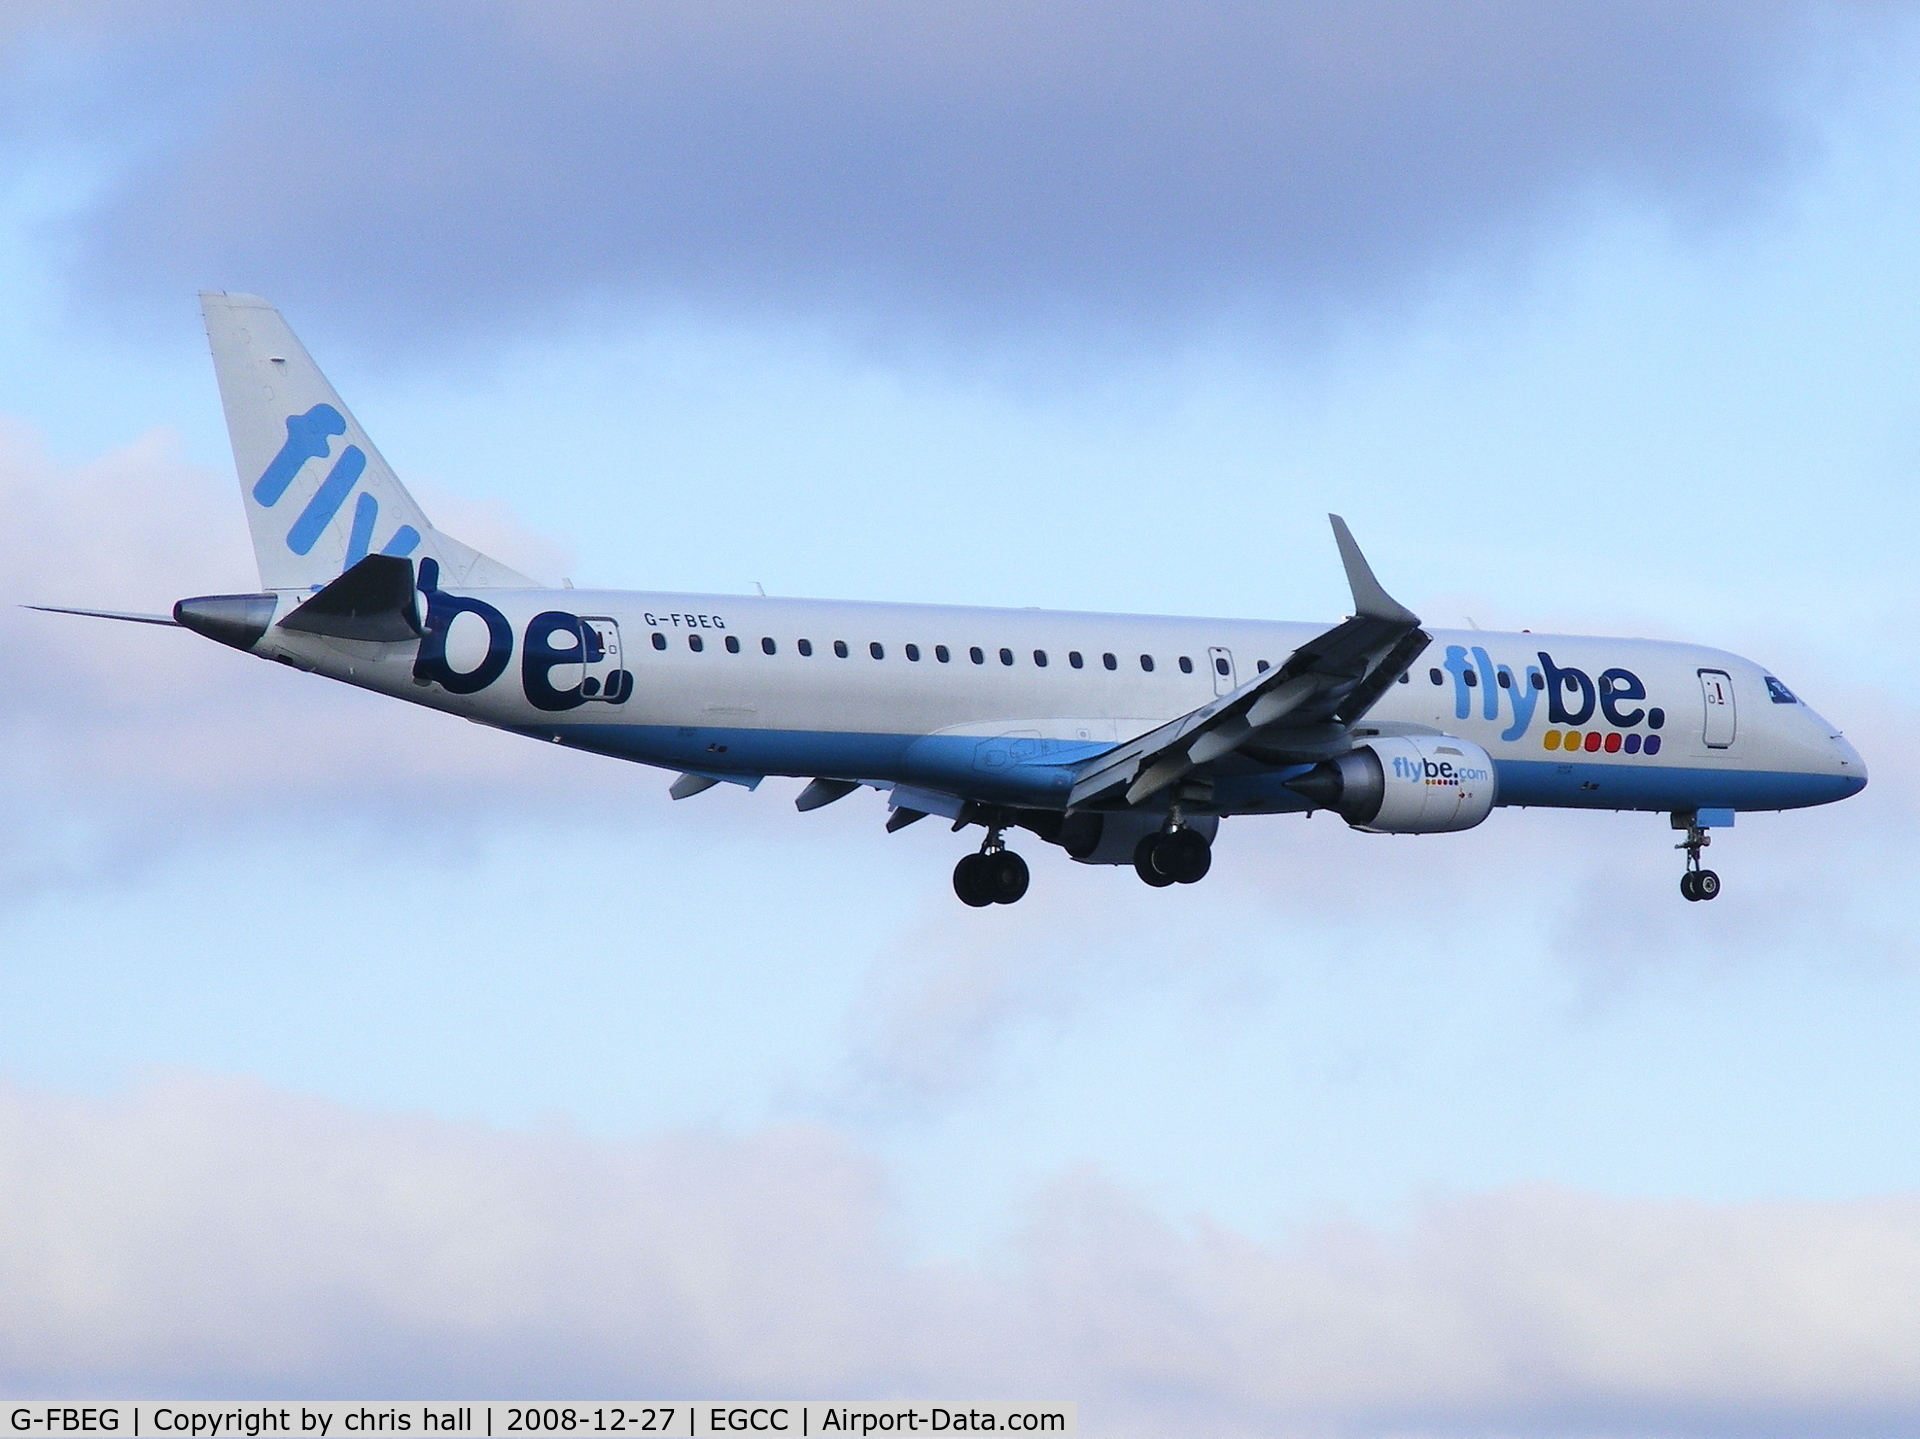 G-FBEG, 2007 Embraer ERJ-190-200LR 195LR C/N 19000120, flybe